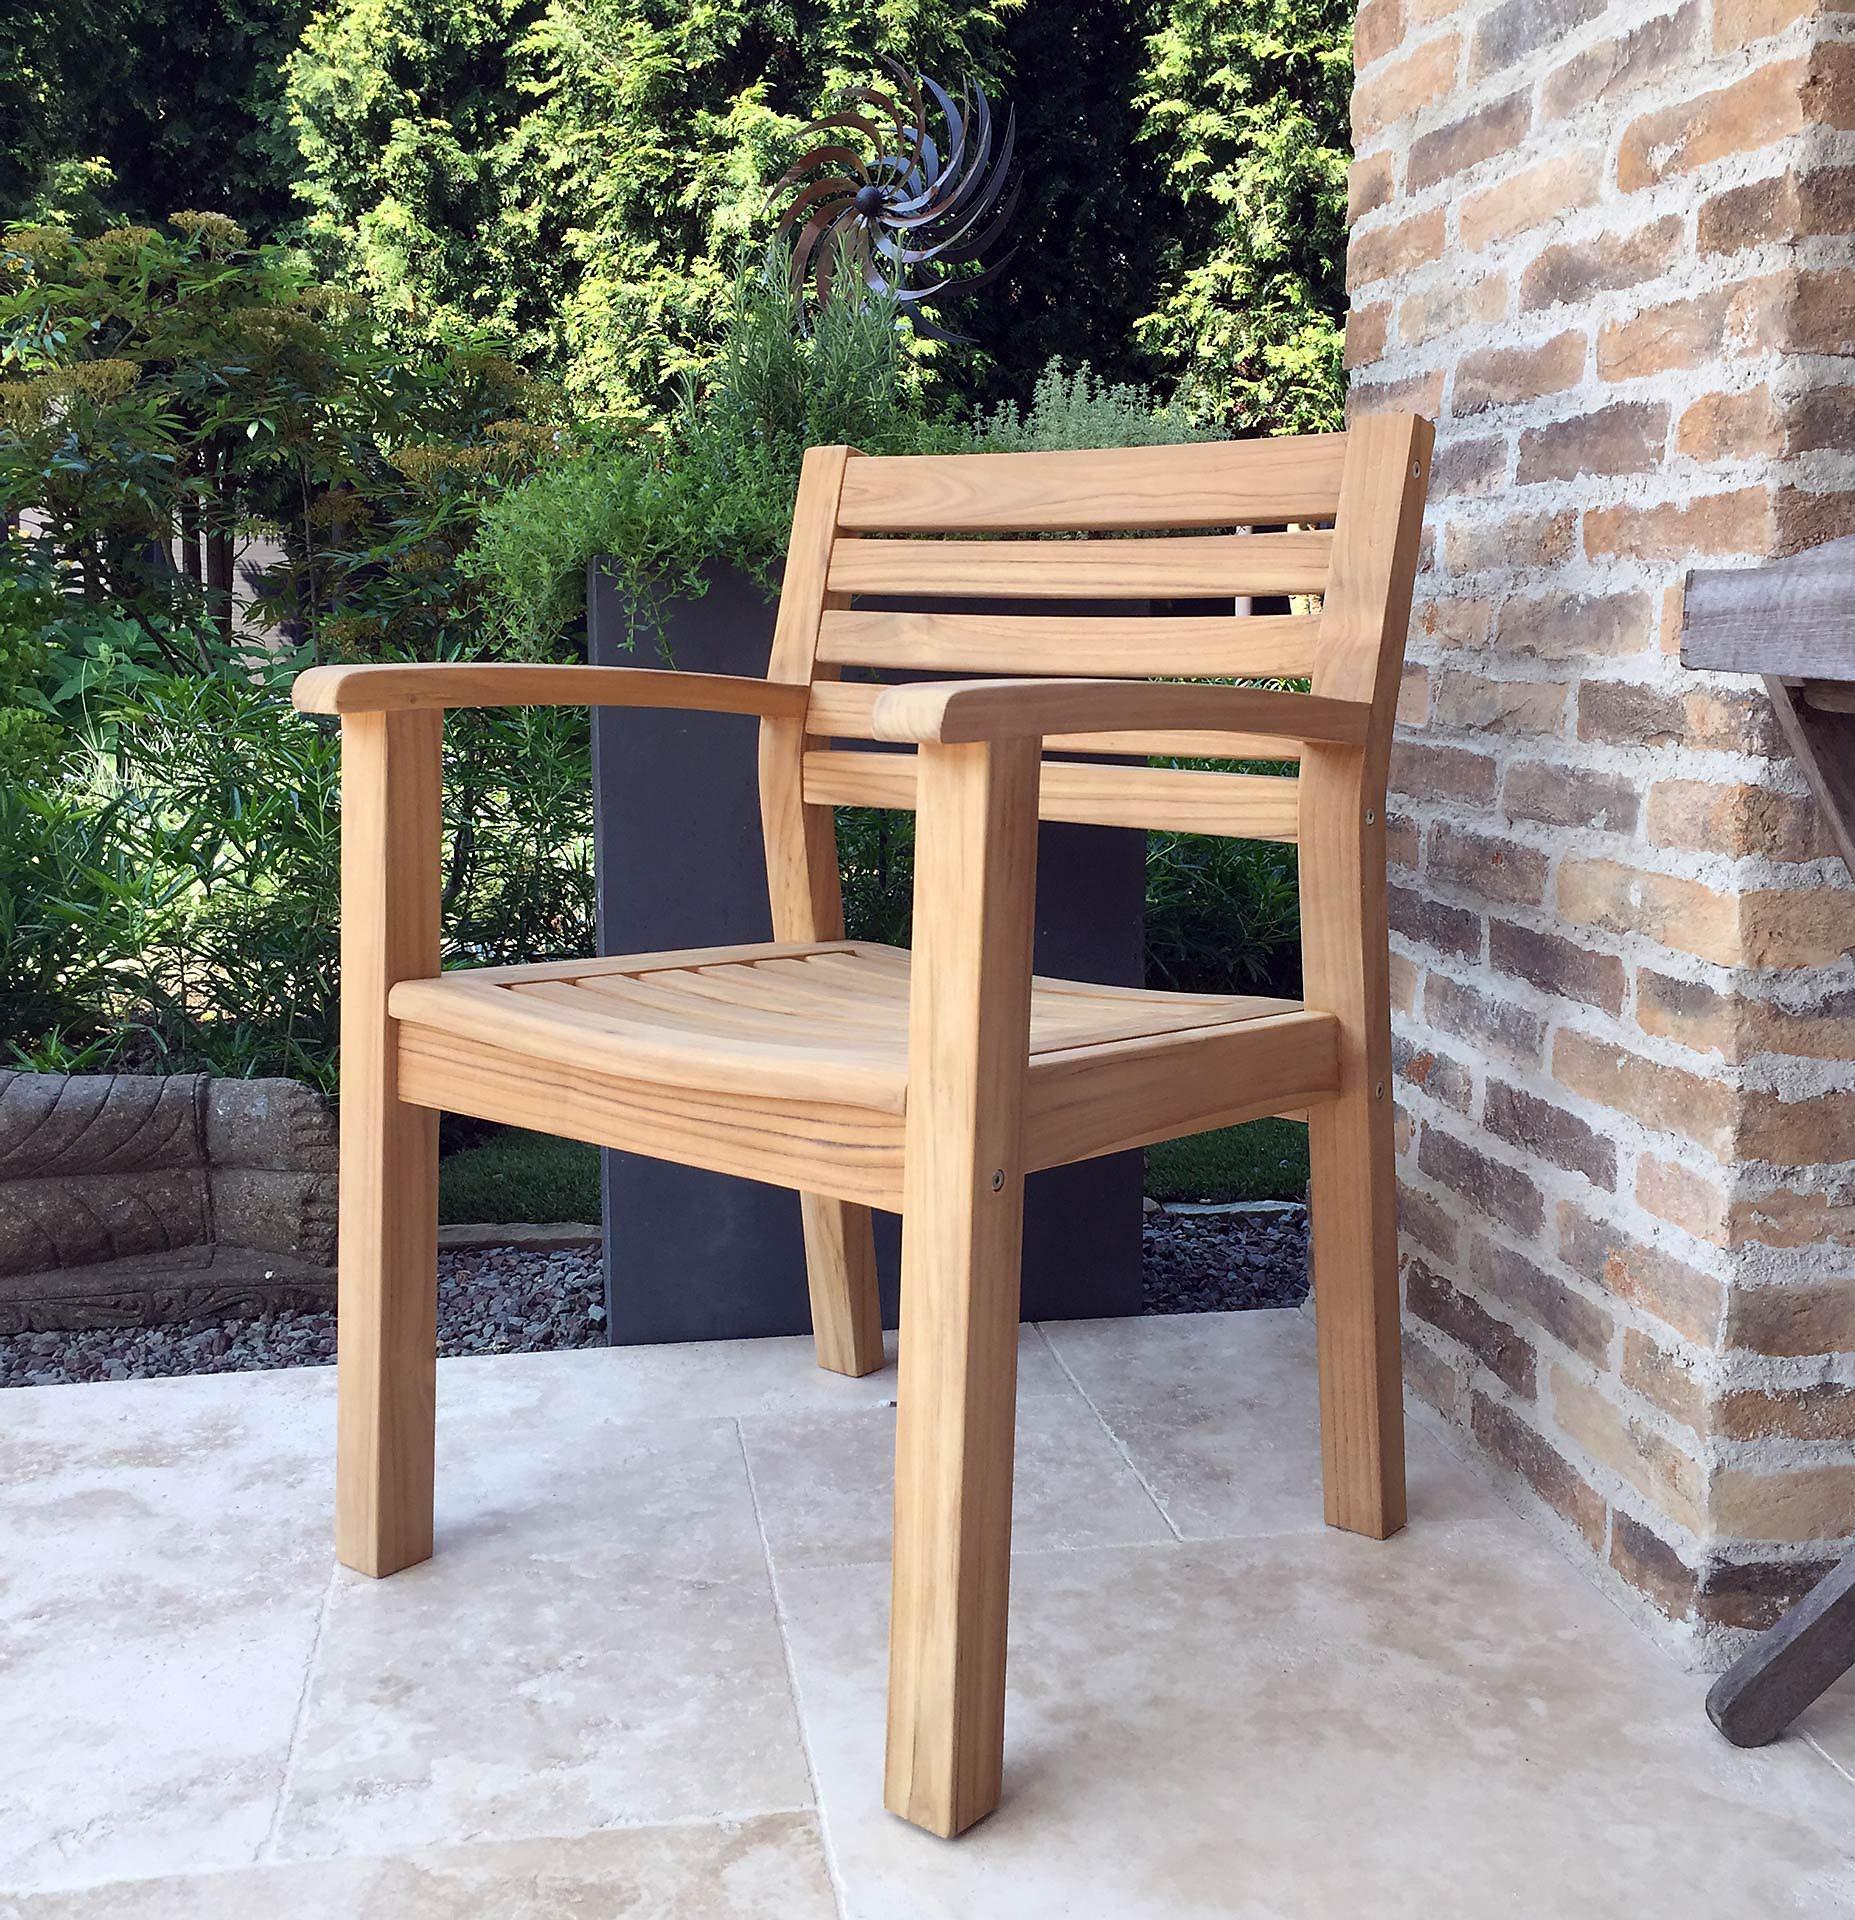 Grasekamp Teak Gartenstuhl Sessel Stuhl Teakholz Gartenmöbel